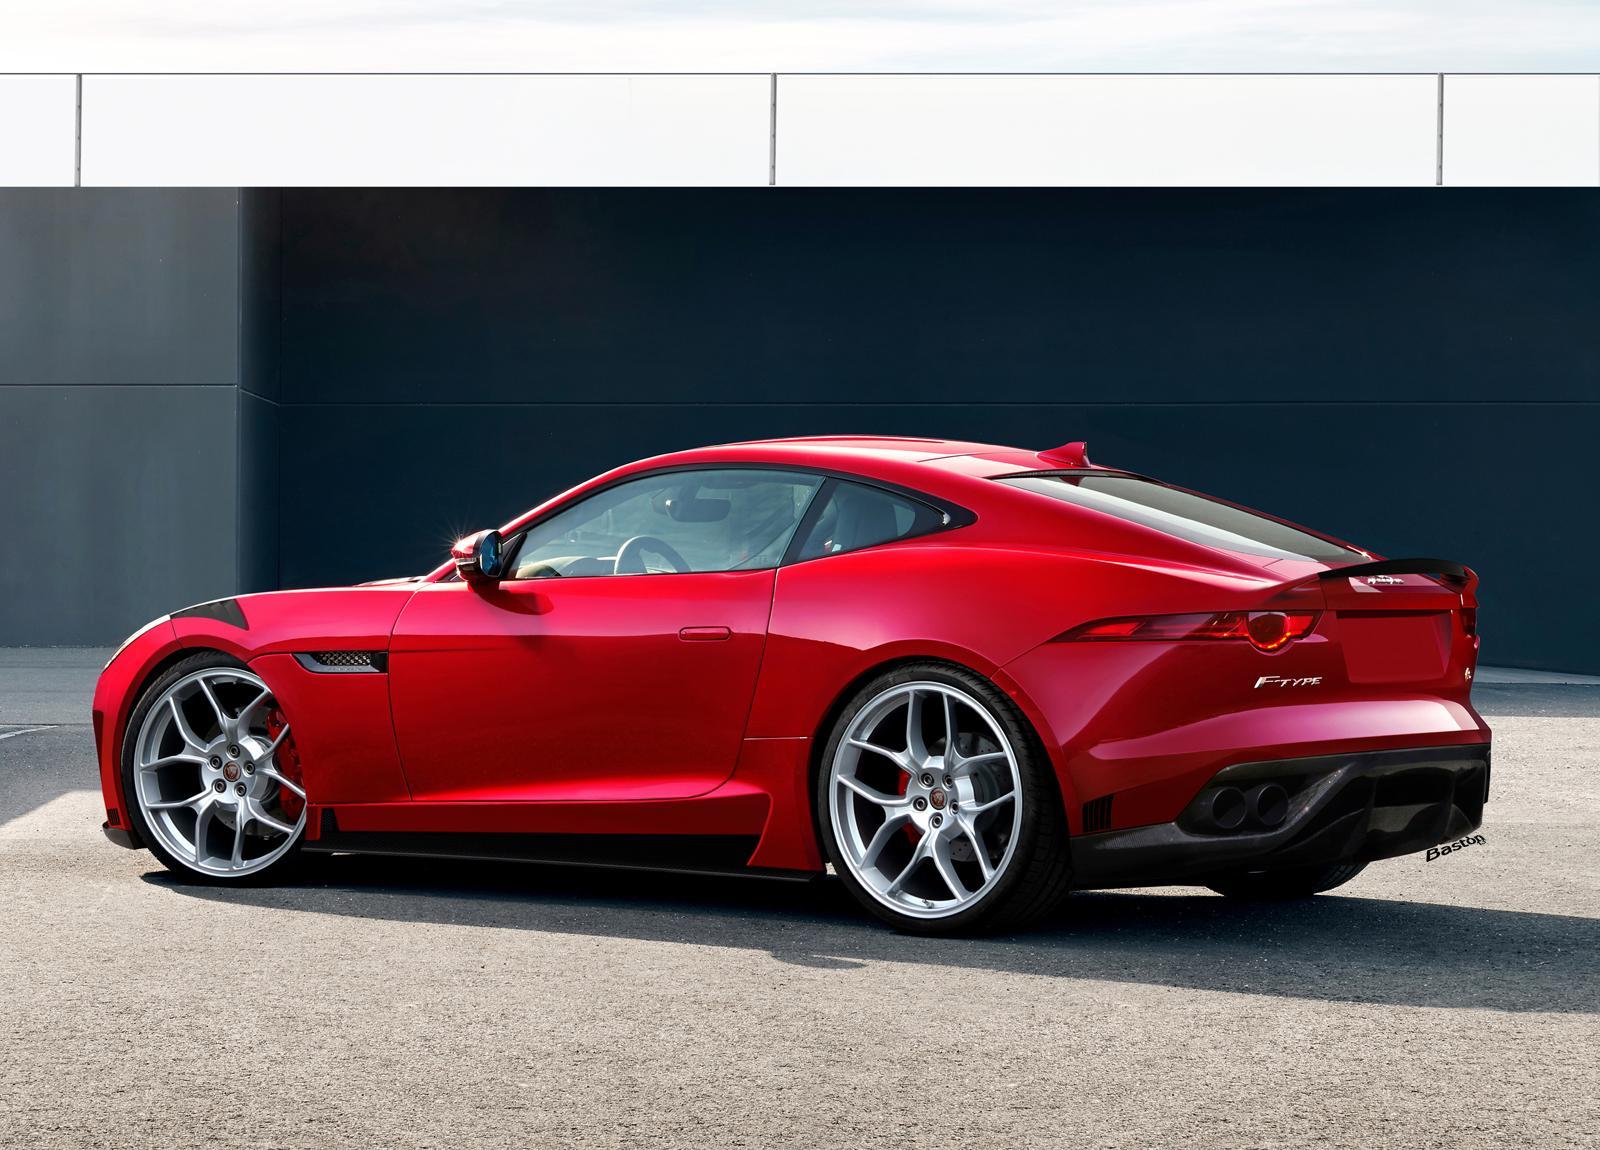 ... O Diretor De Design Da Jaguar, Abriu A Caixa De Surpresas Da Marca Ao  Revelar Que Estão Em Desenvolvimento Versões Mais Potentes Do Jaguar F Type  Coupé.